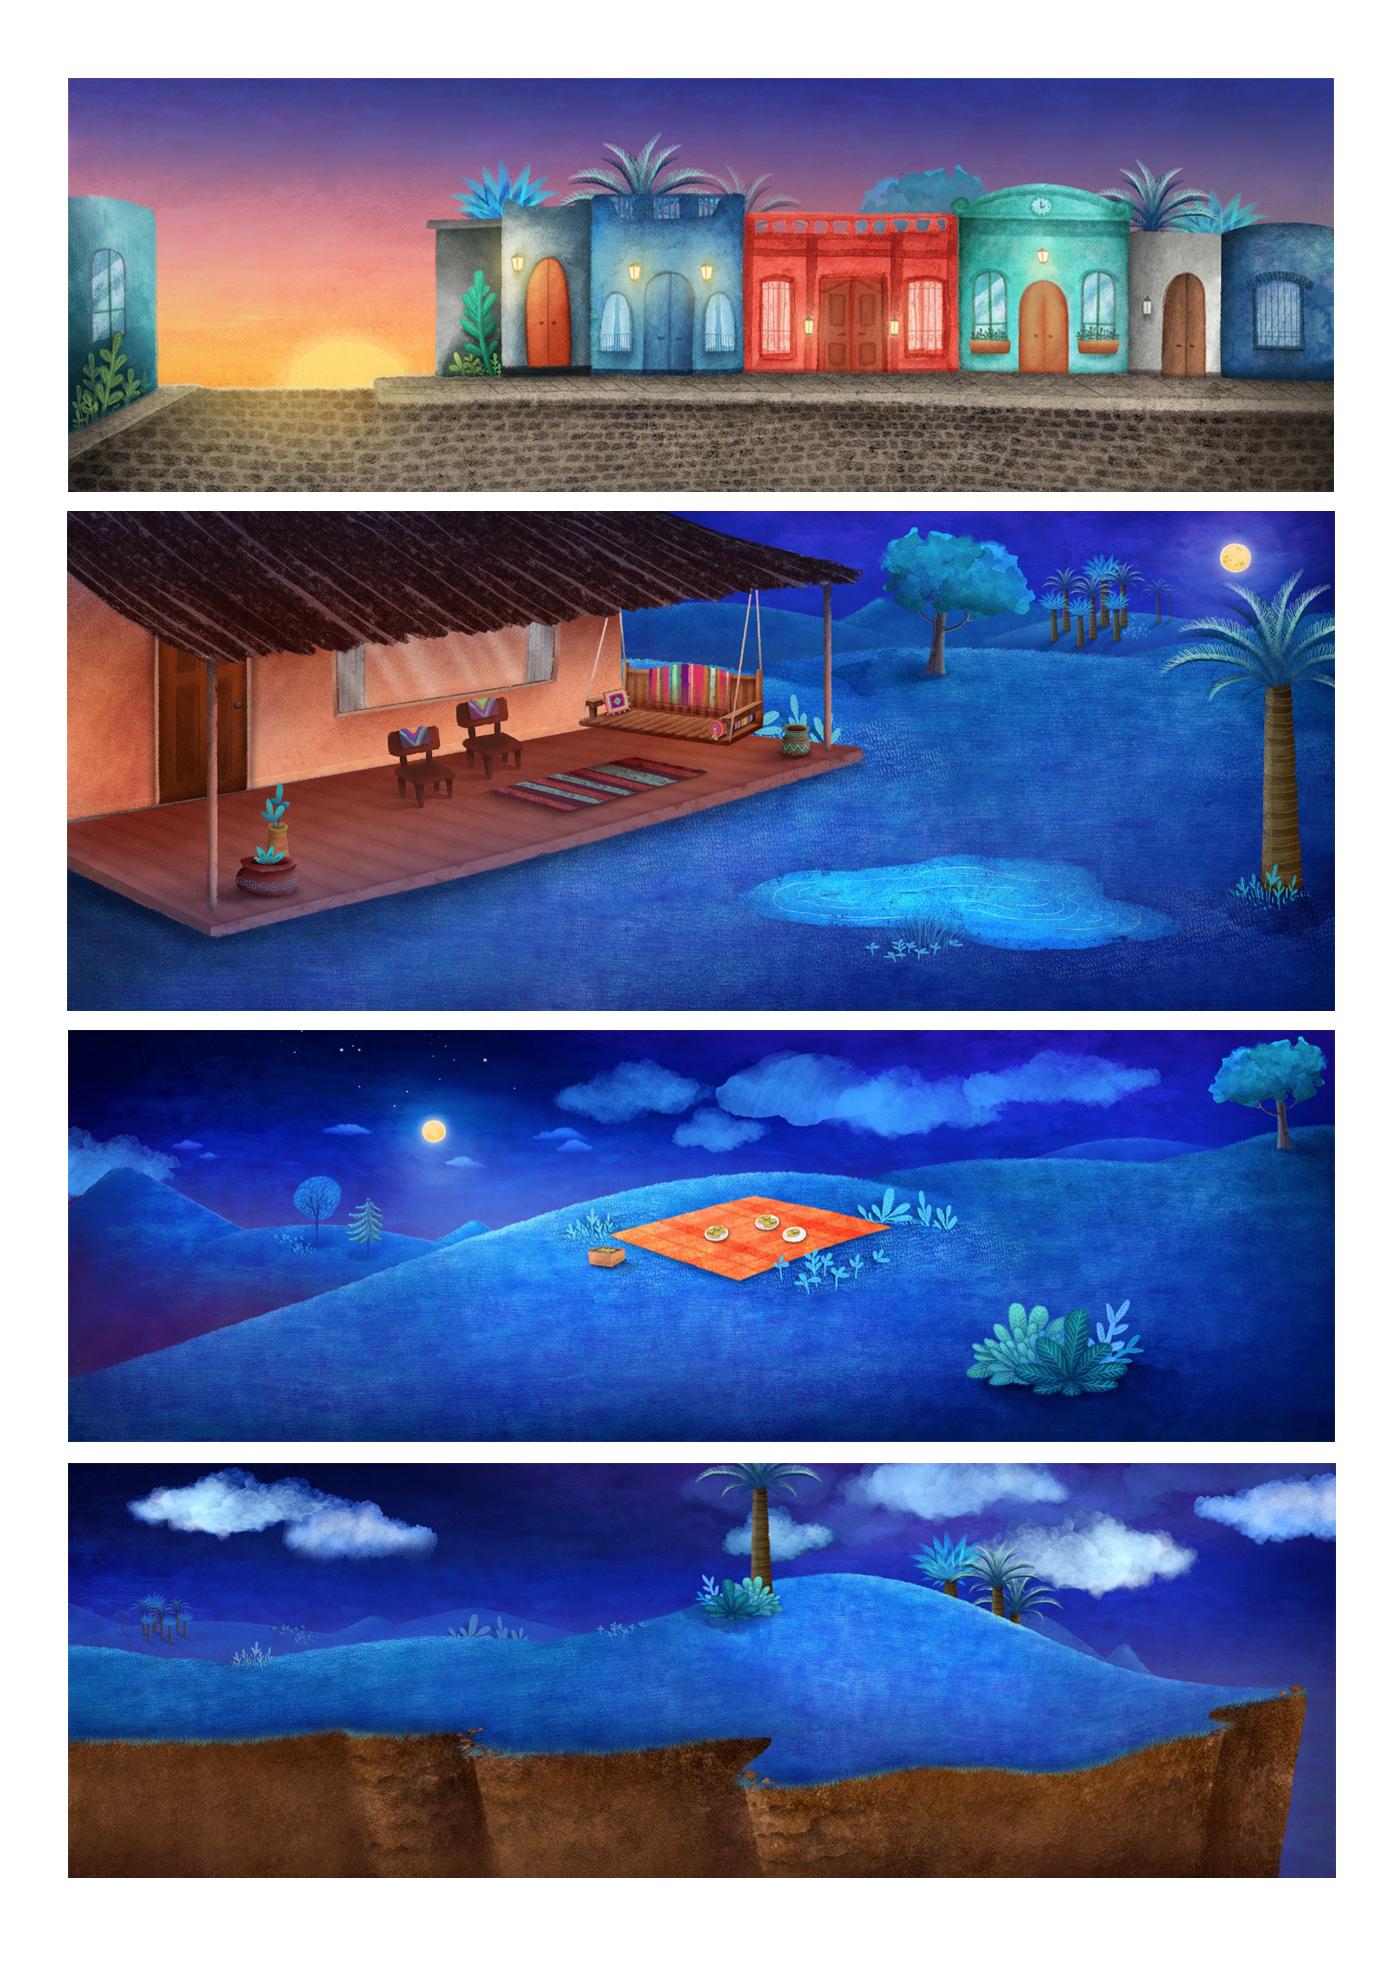 Paka Paka la vuelta en cuento characters children illustration cartoon ilustration ilustración para niños acuarela vegetación paisajes dibujos animados creativo watercolor